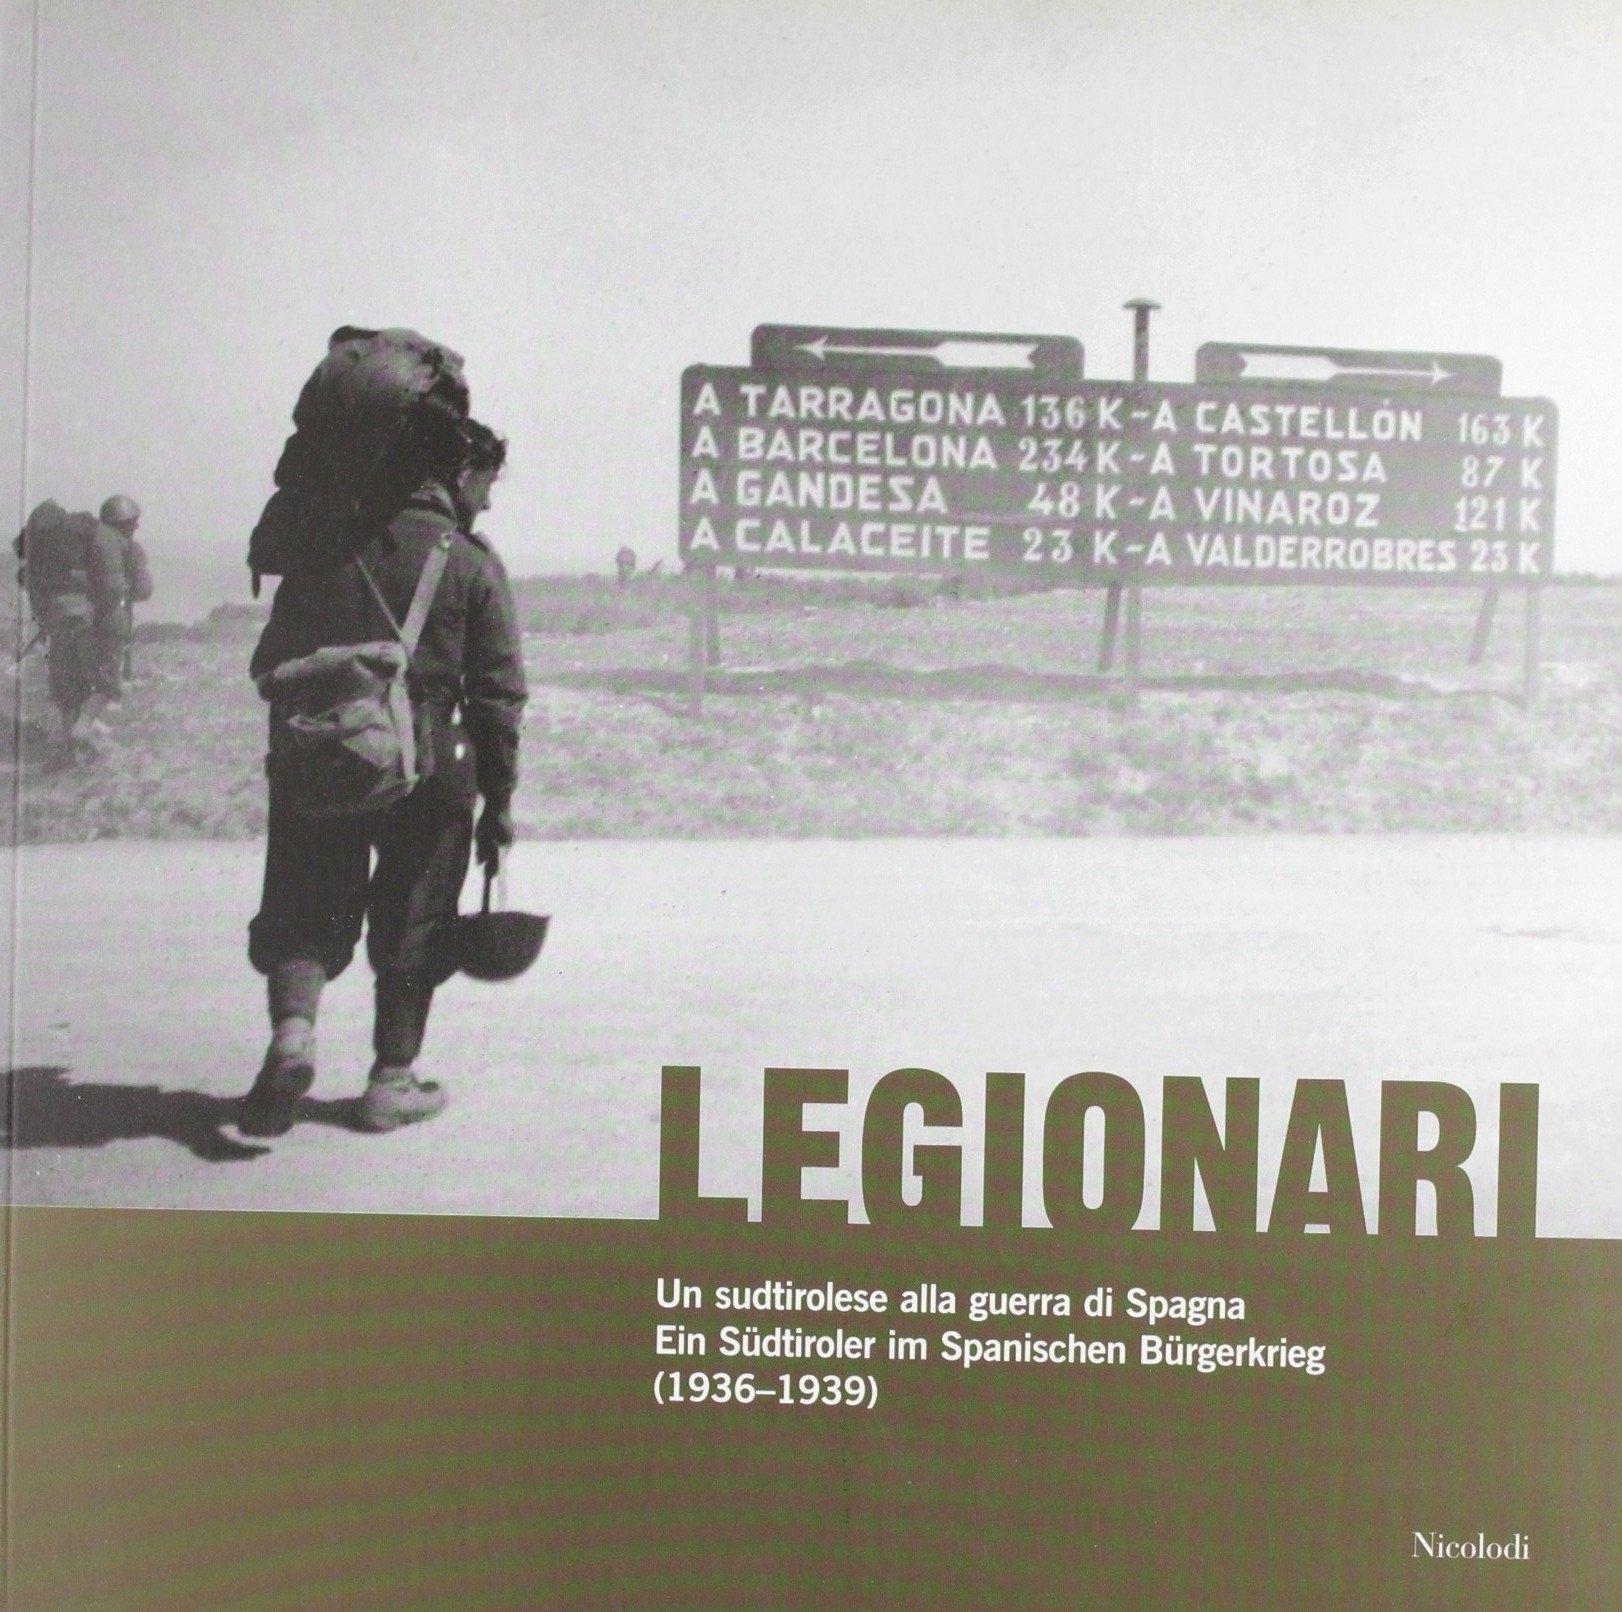 Legionari. Un sudtirolese alla guerra di Spagna. Ediz. illustrata